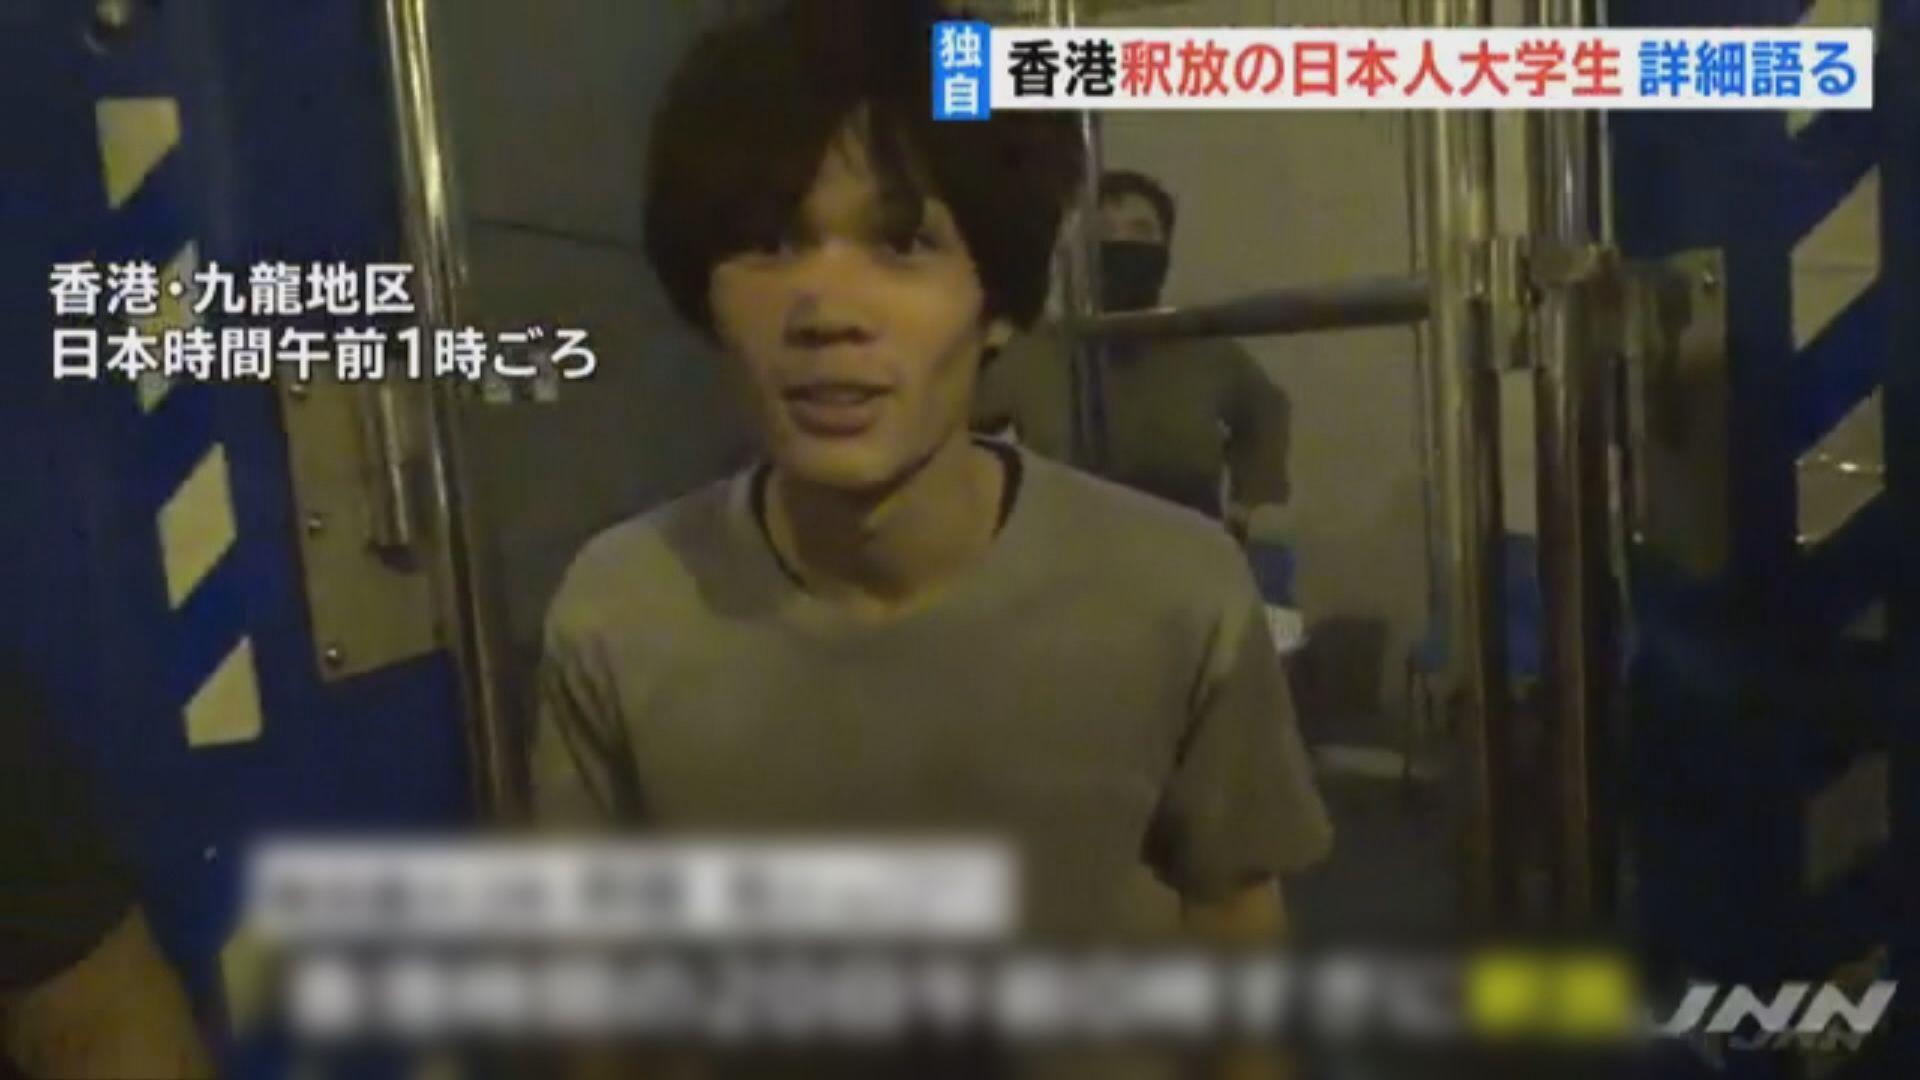 理大附近被捕日本大學生獲釋